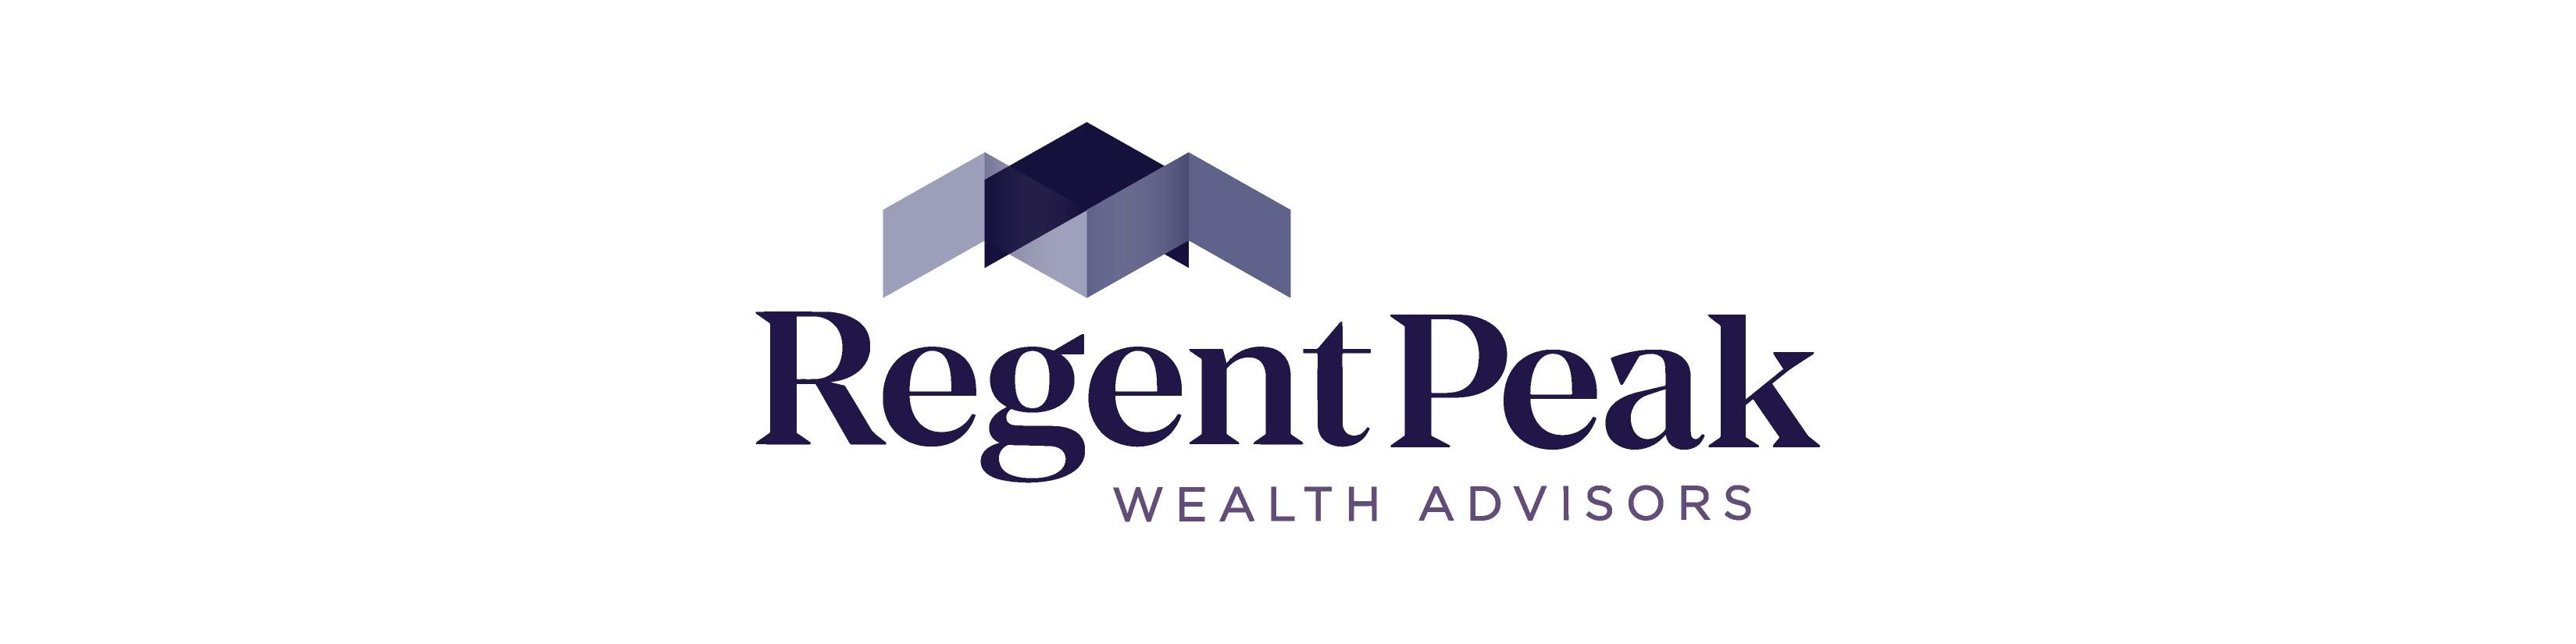 Rp investment advisors linkedin $50 000 investment ideas